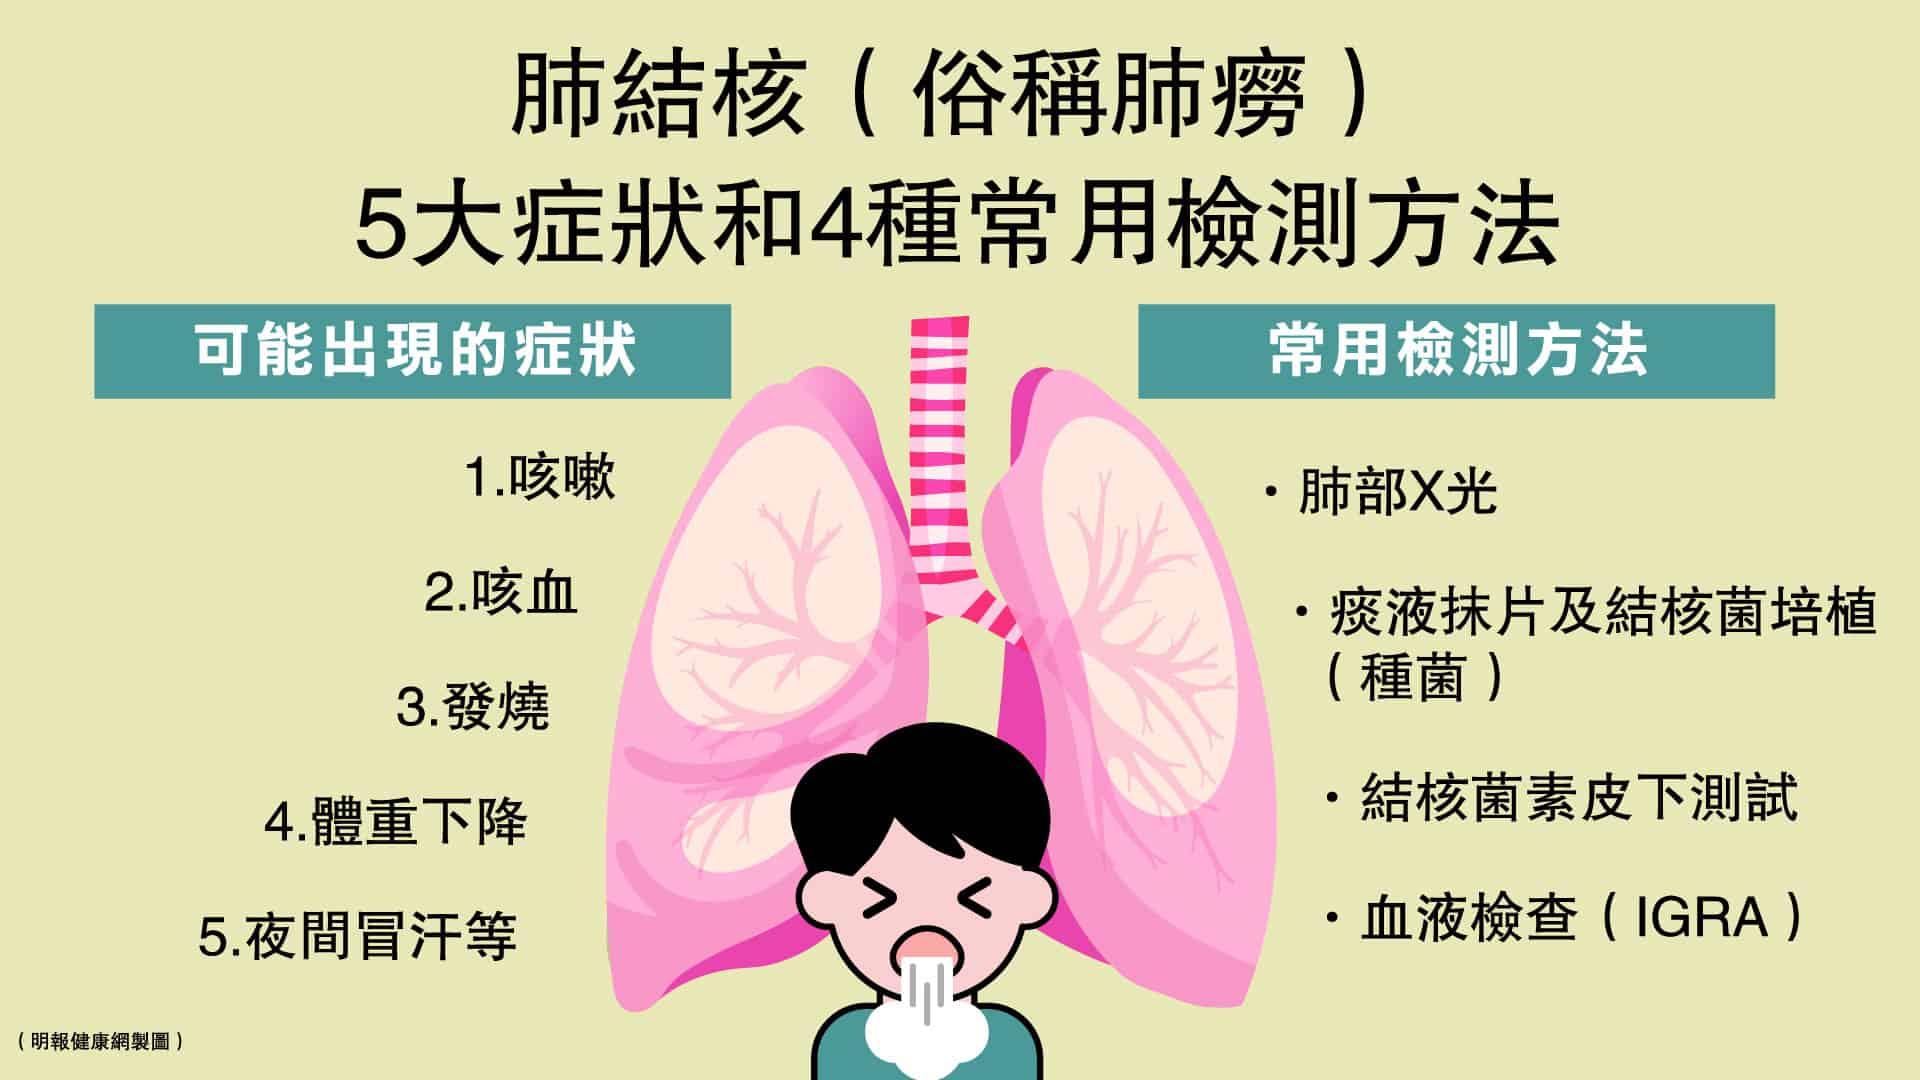 患上肺結核可能出現咳嗽、咳血、發燒、體重下降及夜間冒汗等症狀,如何檢測是否染上肺結核呢?